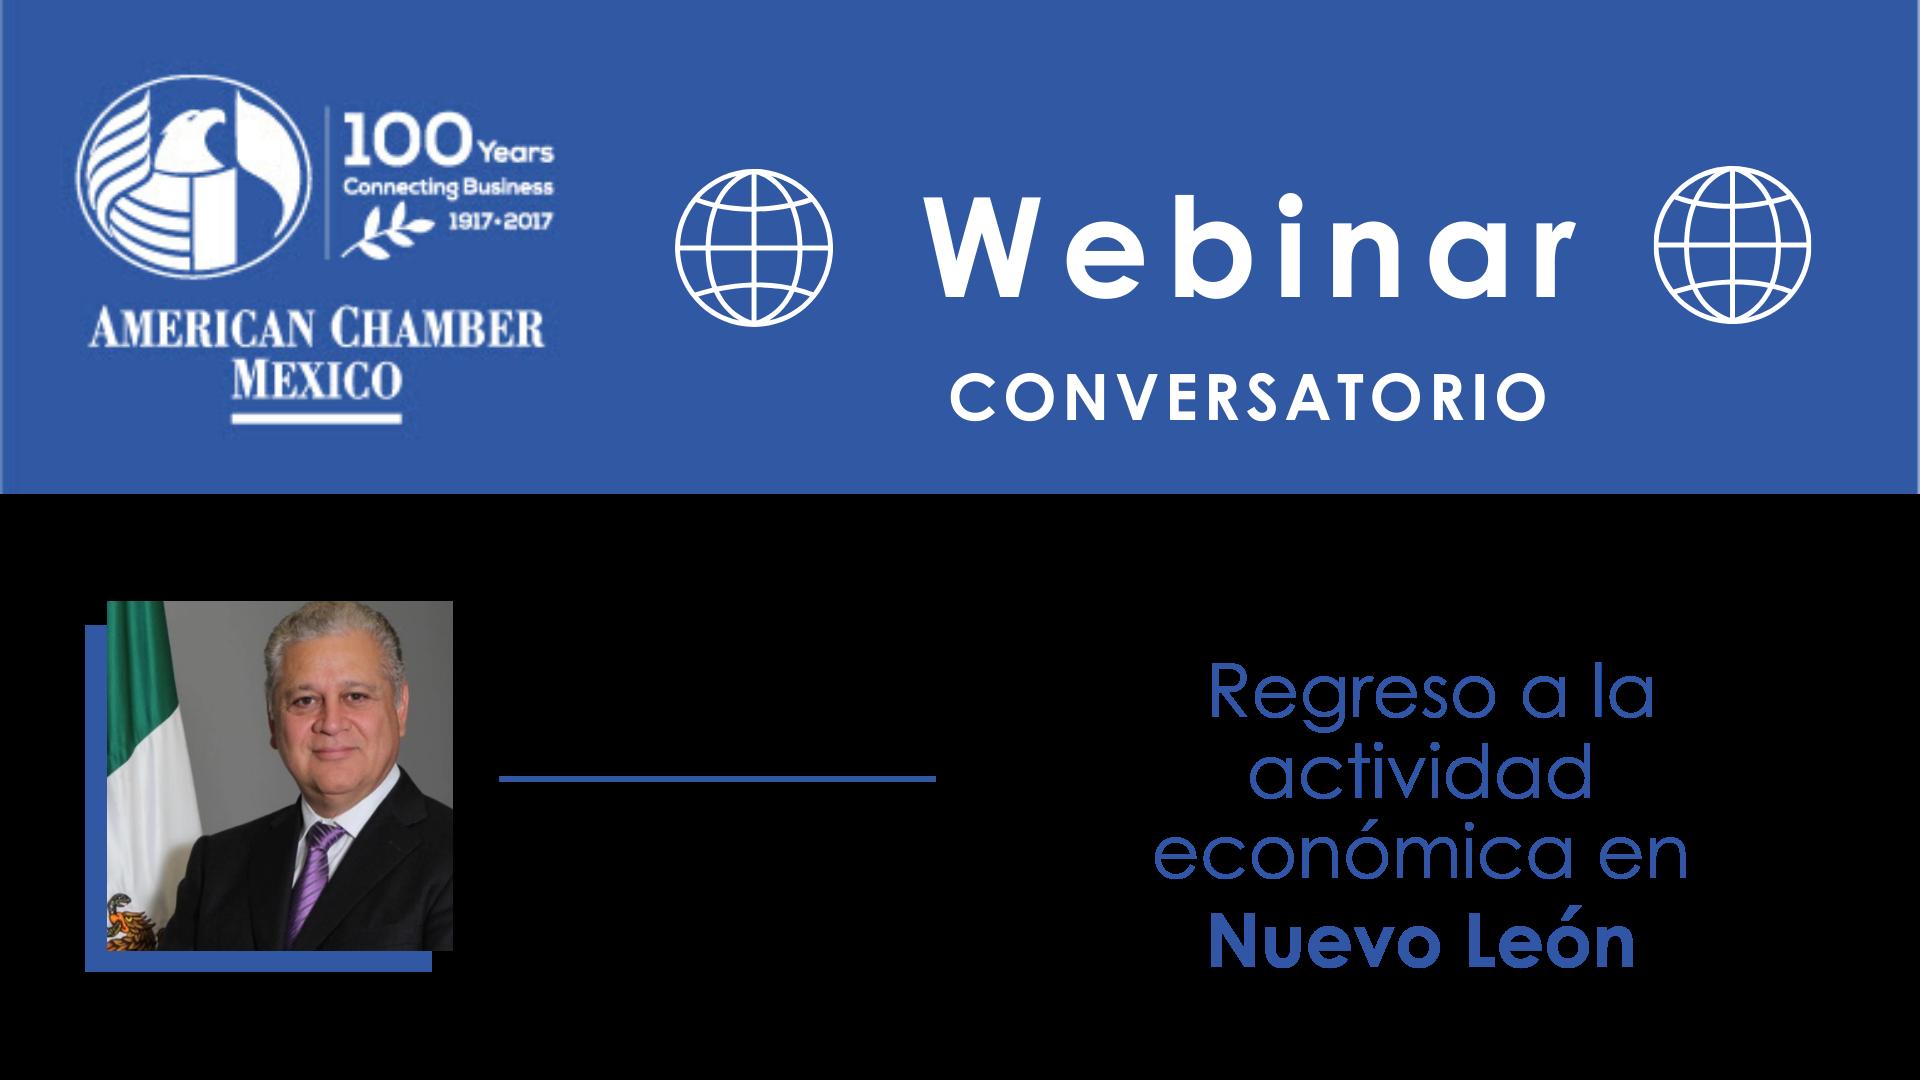 MTY WEBINAR - Conversatorio con Roberto Russildi: Regreso a la actividad económica en Nuevo León